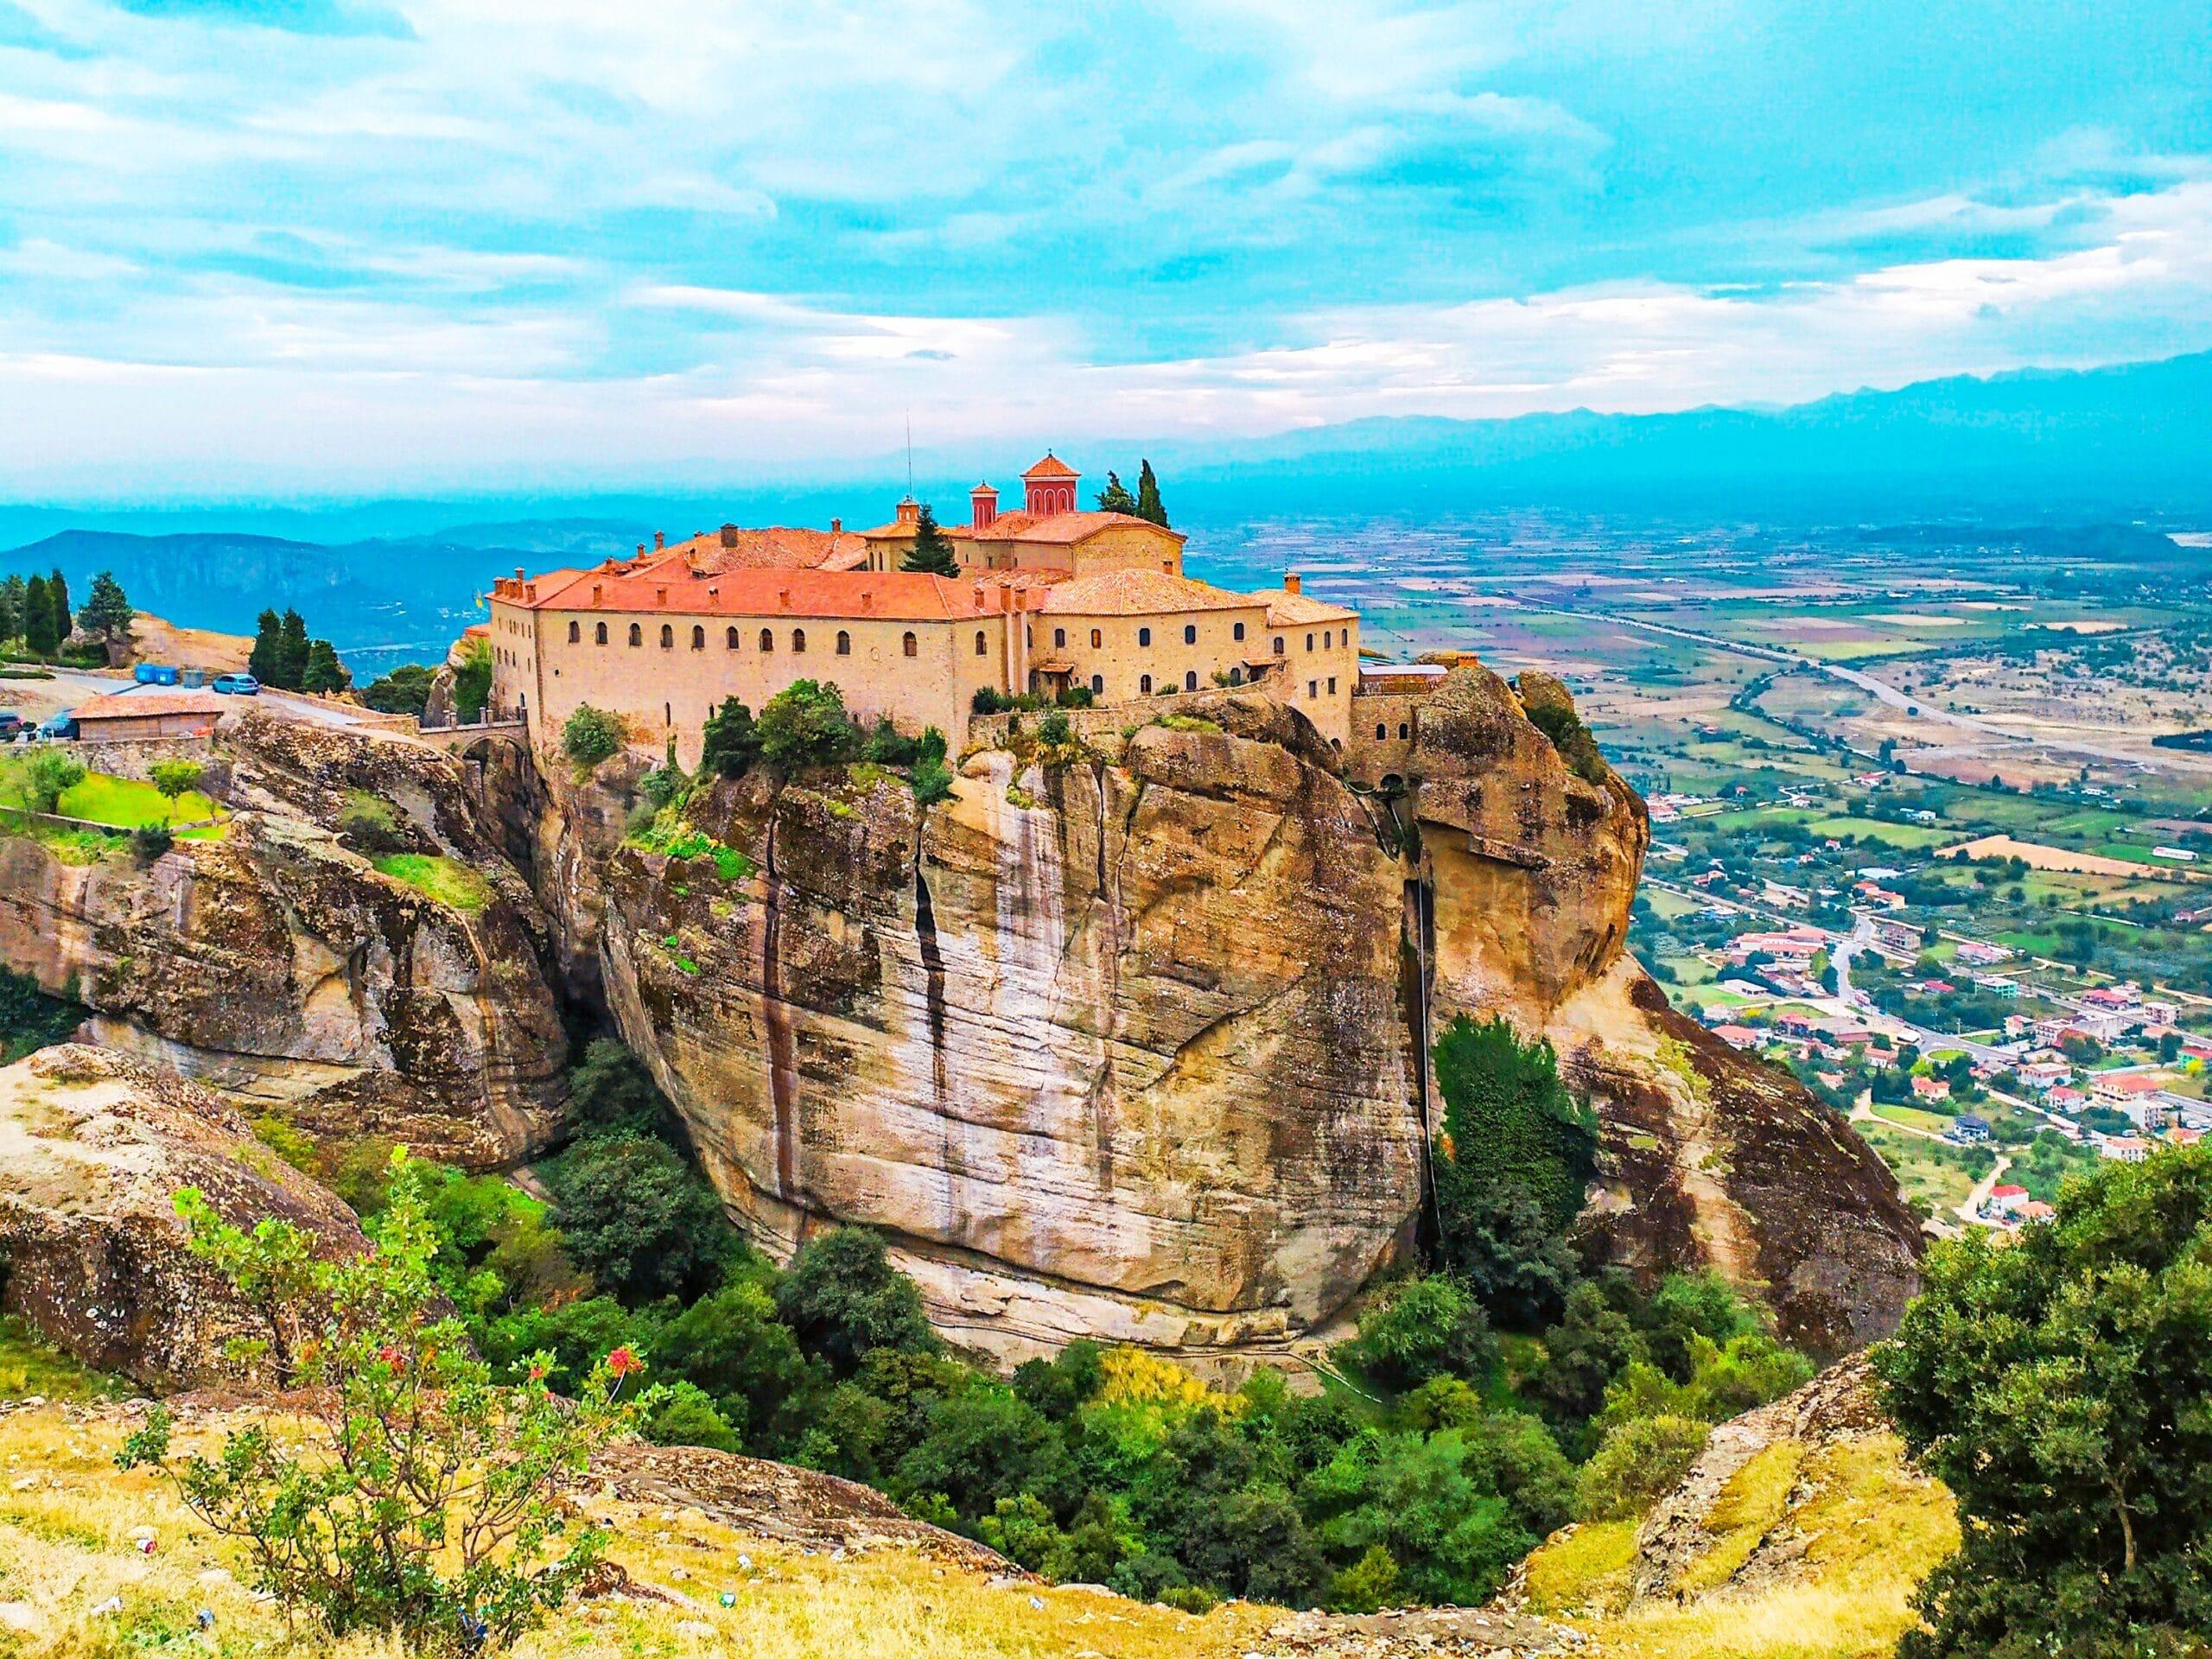 Qué hacer en Meteora? vista del monasterio de San esteban